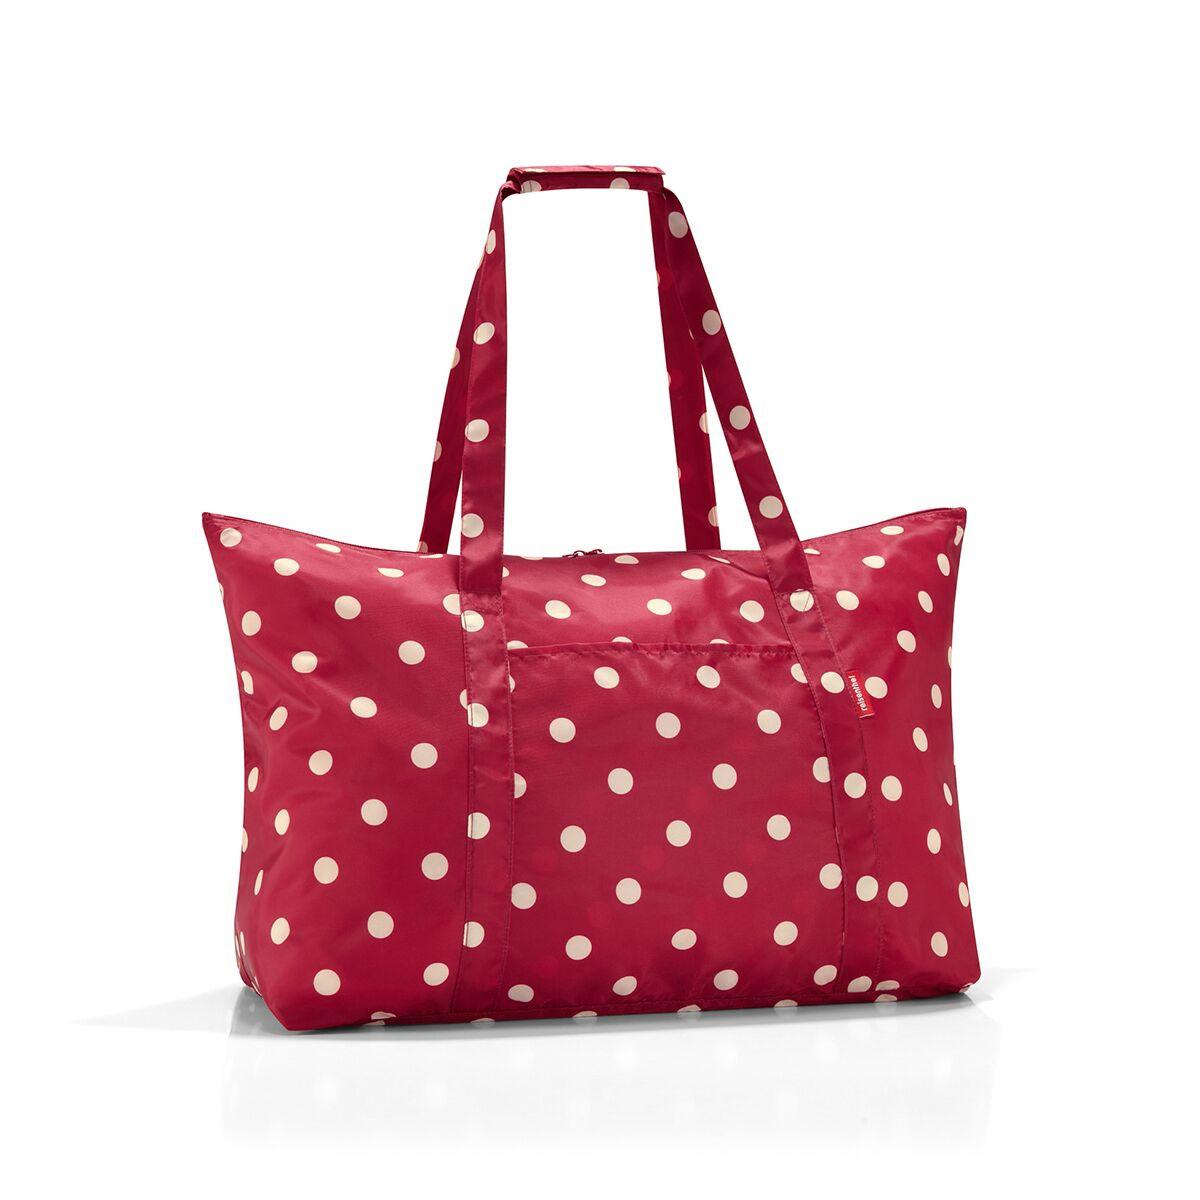 Сумка дорожная женская Reisenthel, цвет: красный. AG3014MD-659-2/3Идеальный компаньон для путешествий, ведь из поездки мы всегда возвращаемся со множеством сувениров и покупок. Так что еще одна сумка пригодится. Она легко складывается в маленький чехол, которые можно взять с собой в сумке или рюкзаке. Так же можно использовать для похода за продуктами.Внутренний объем сумки - 30 литров. Есть внешний кармашек для мелочей. Для удобства ручки сумки можно соединить между собой.